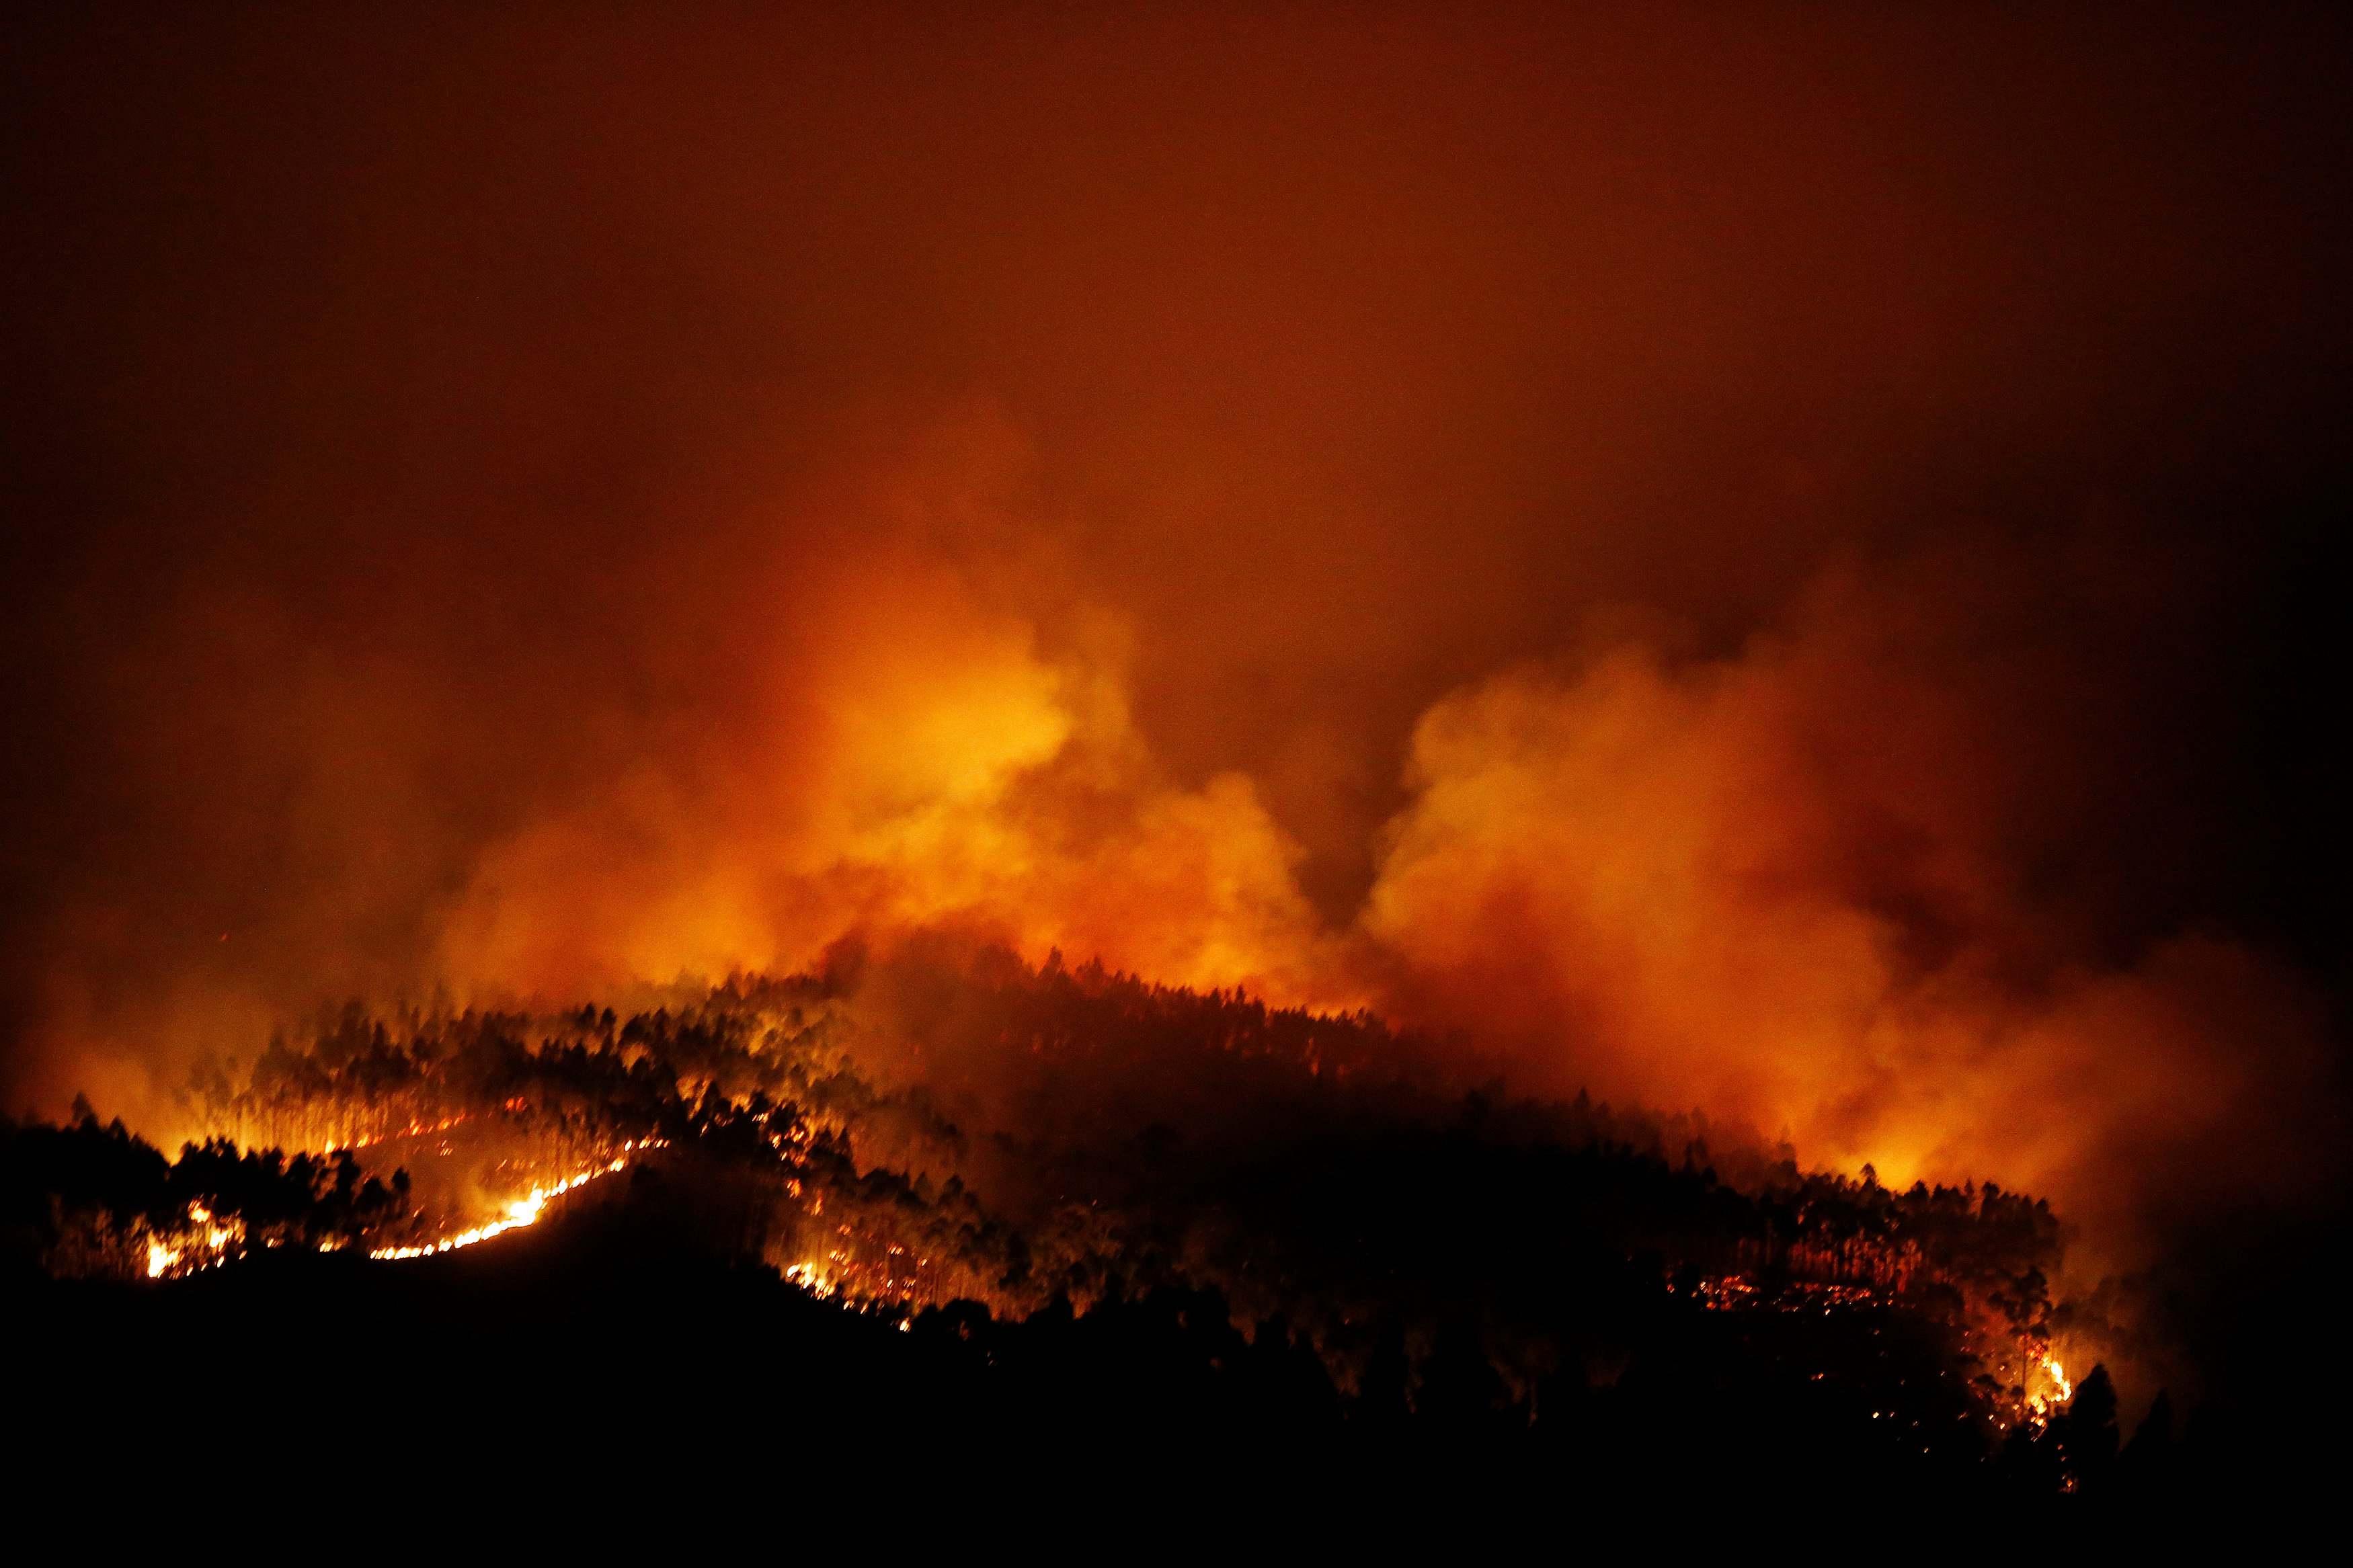 حرائق الغابات في لشبونة